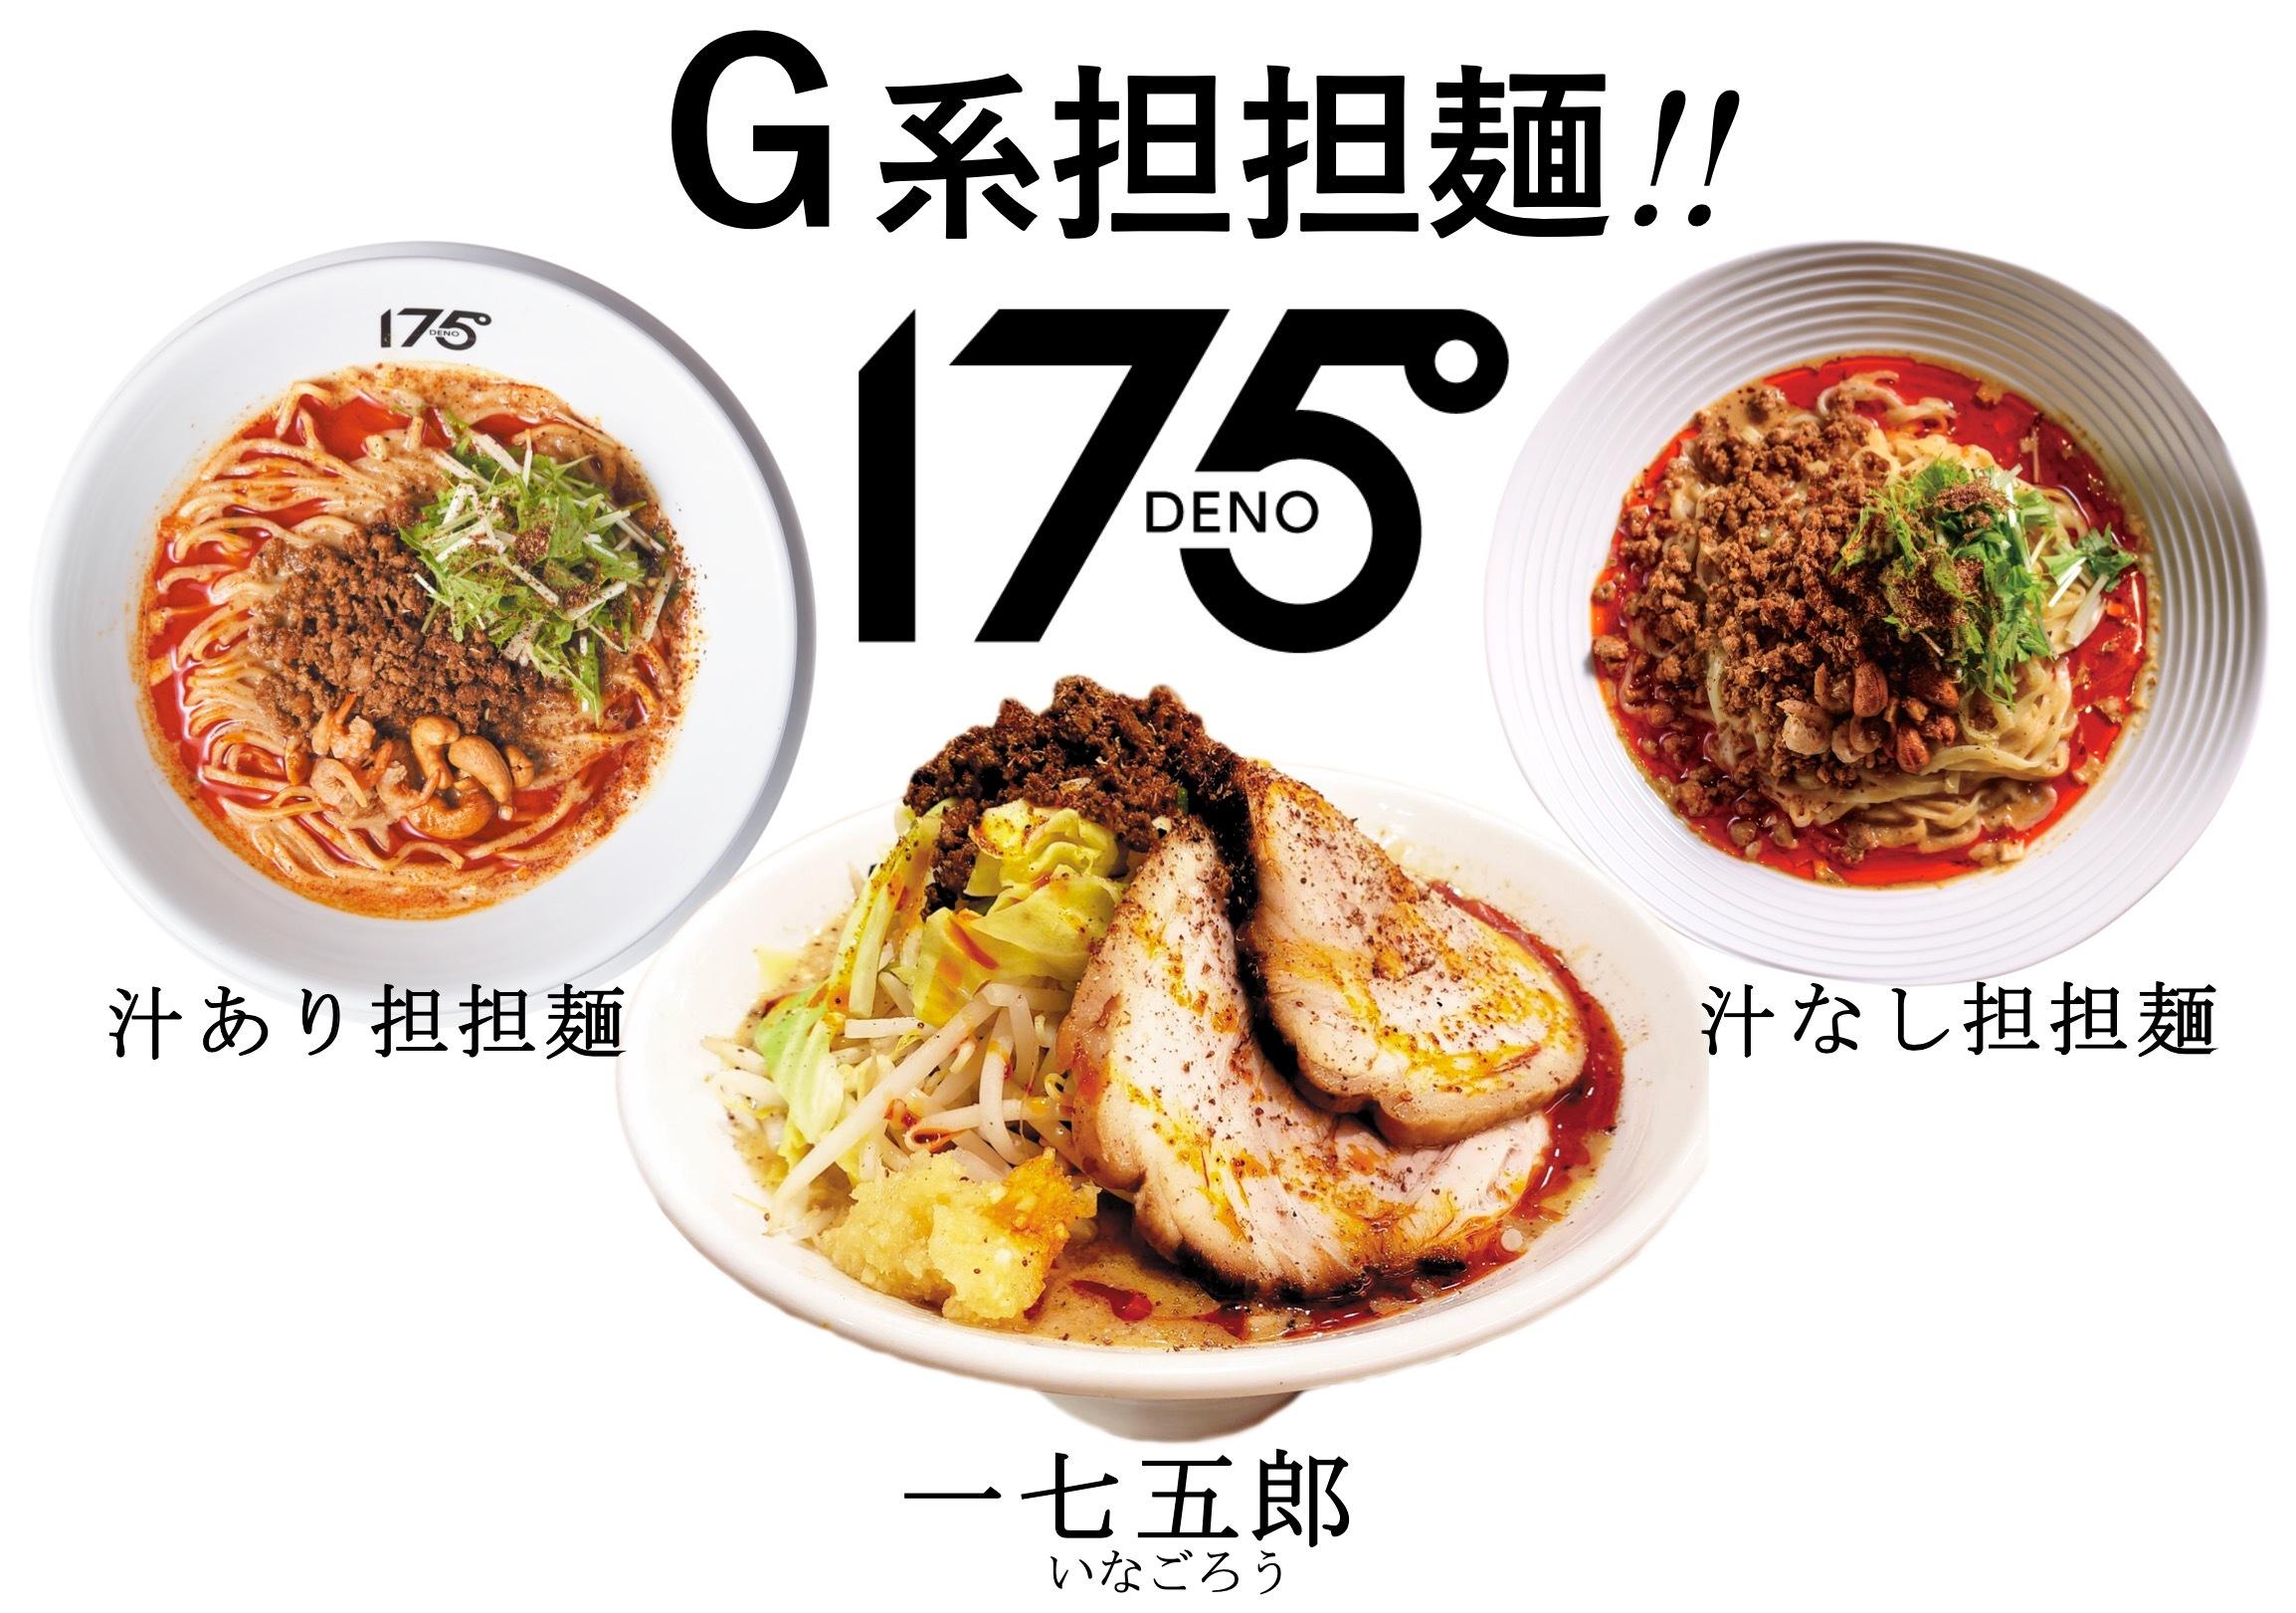 【3種セット・各1食入り】175°DENO担担麺 三種セット(汁なし・汁あり・一七五郎)